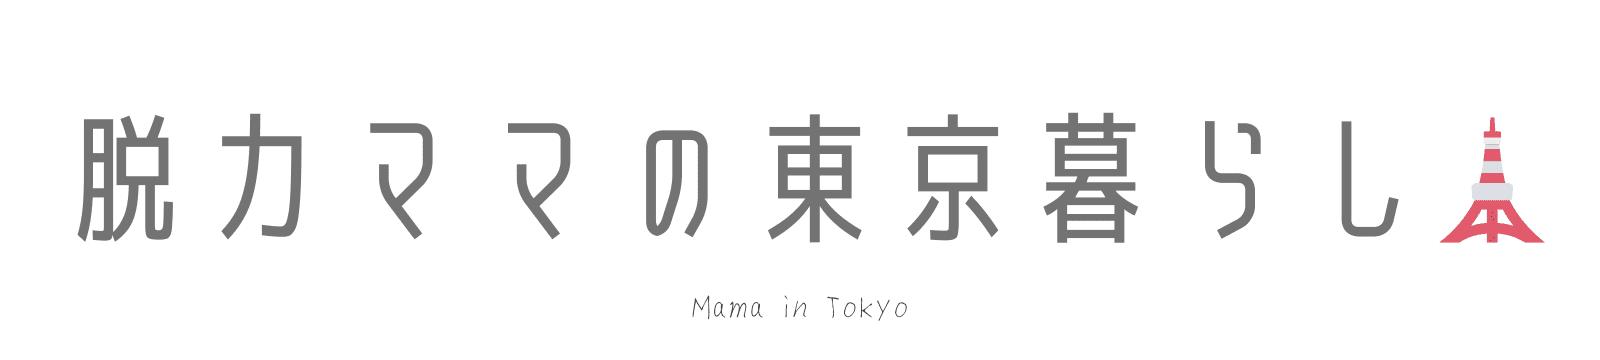 脱力ママの東京暮らし